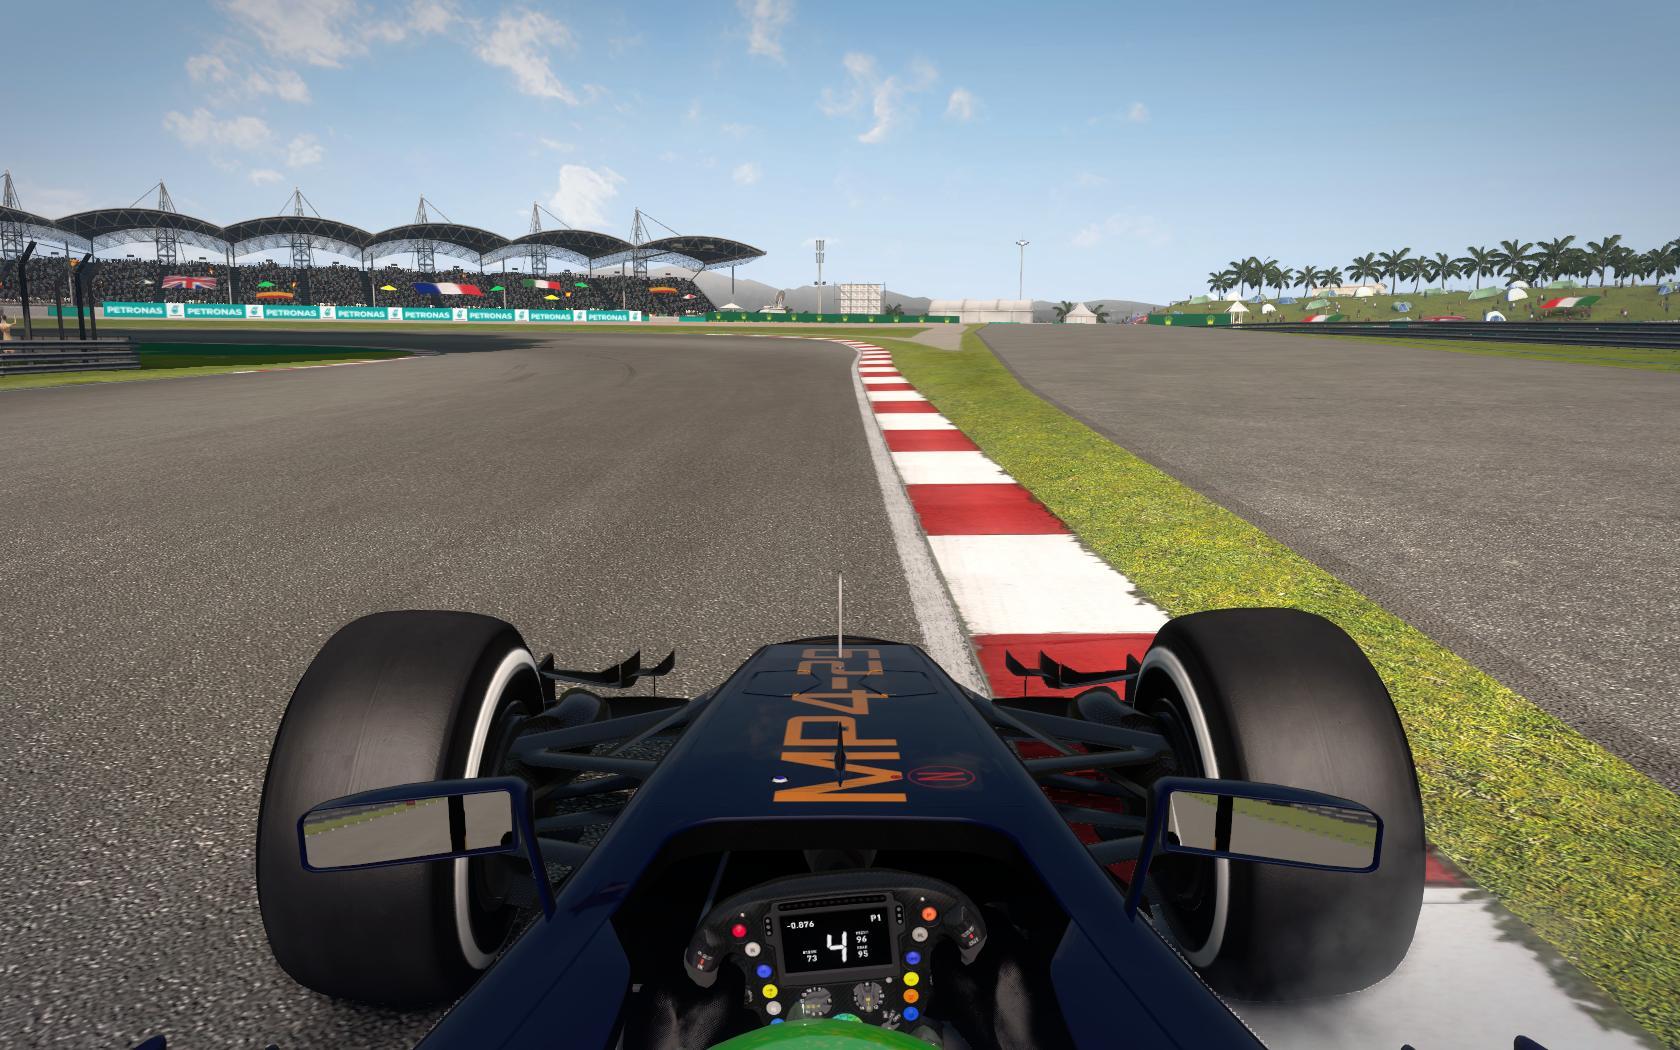 F1_2014 2016-04-16 13-12-42-60.jpg